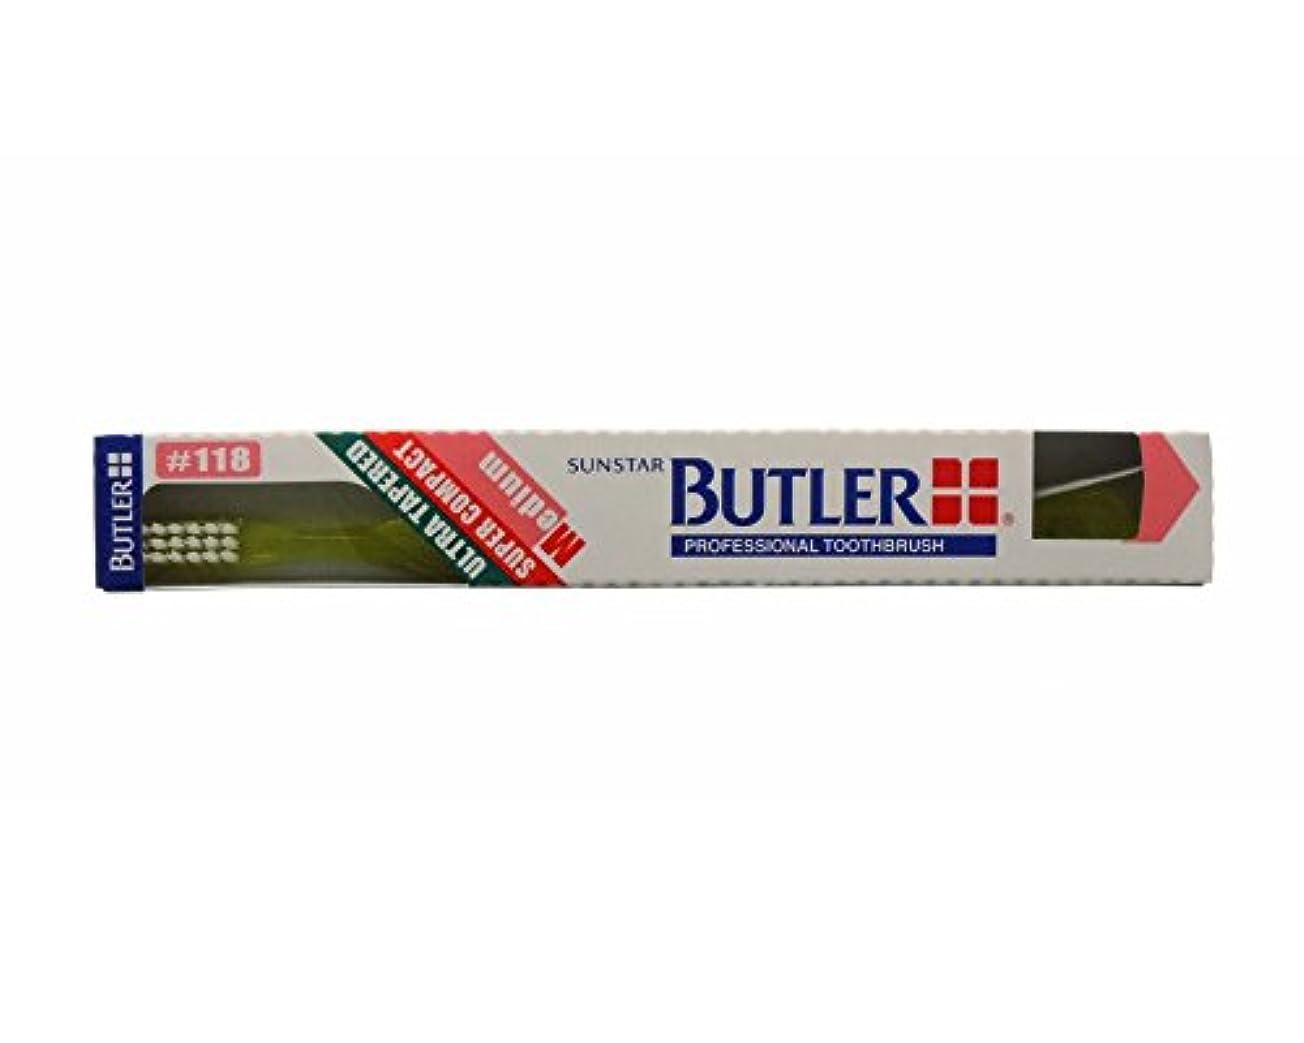 怒るロンドン桁バトラー 歯ブラシ 1本 #118 イエロー